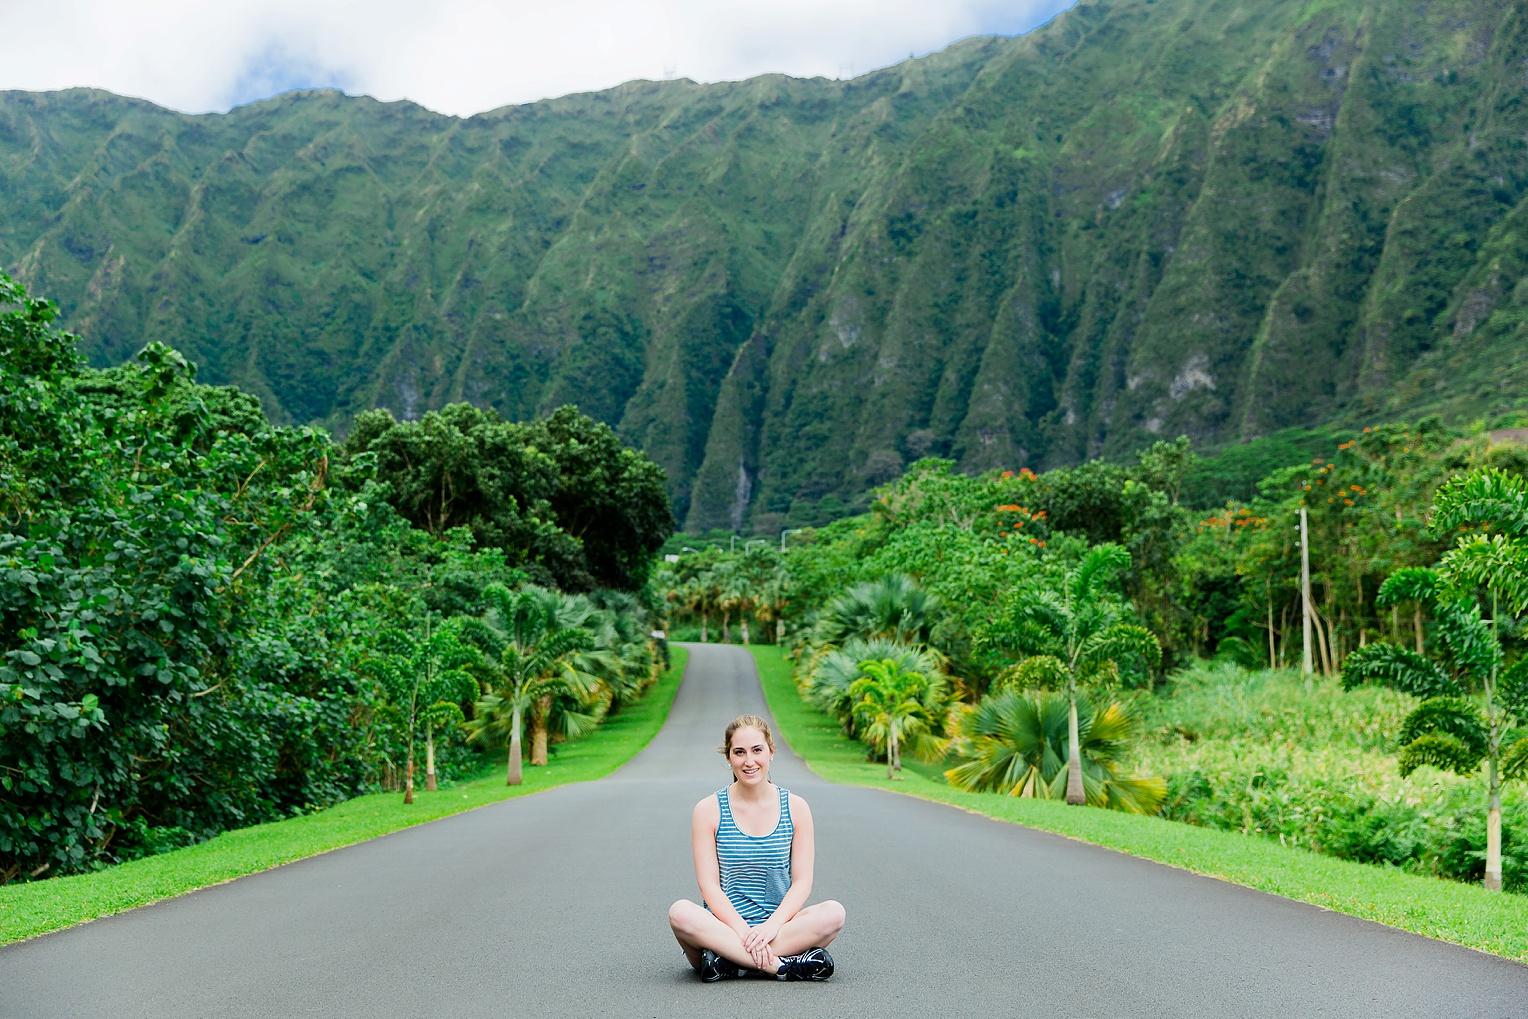 Hawaii Oahu Botanical Gardens Ko'olina Lagoon-9398.jpg